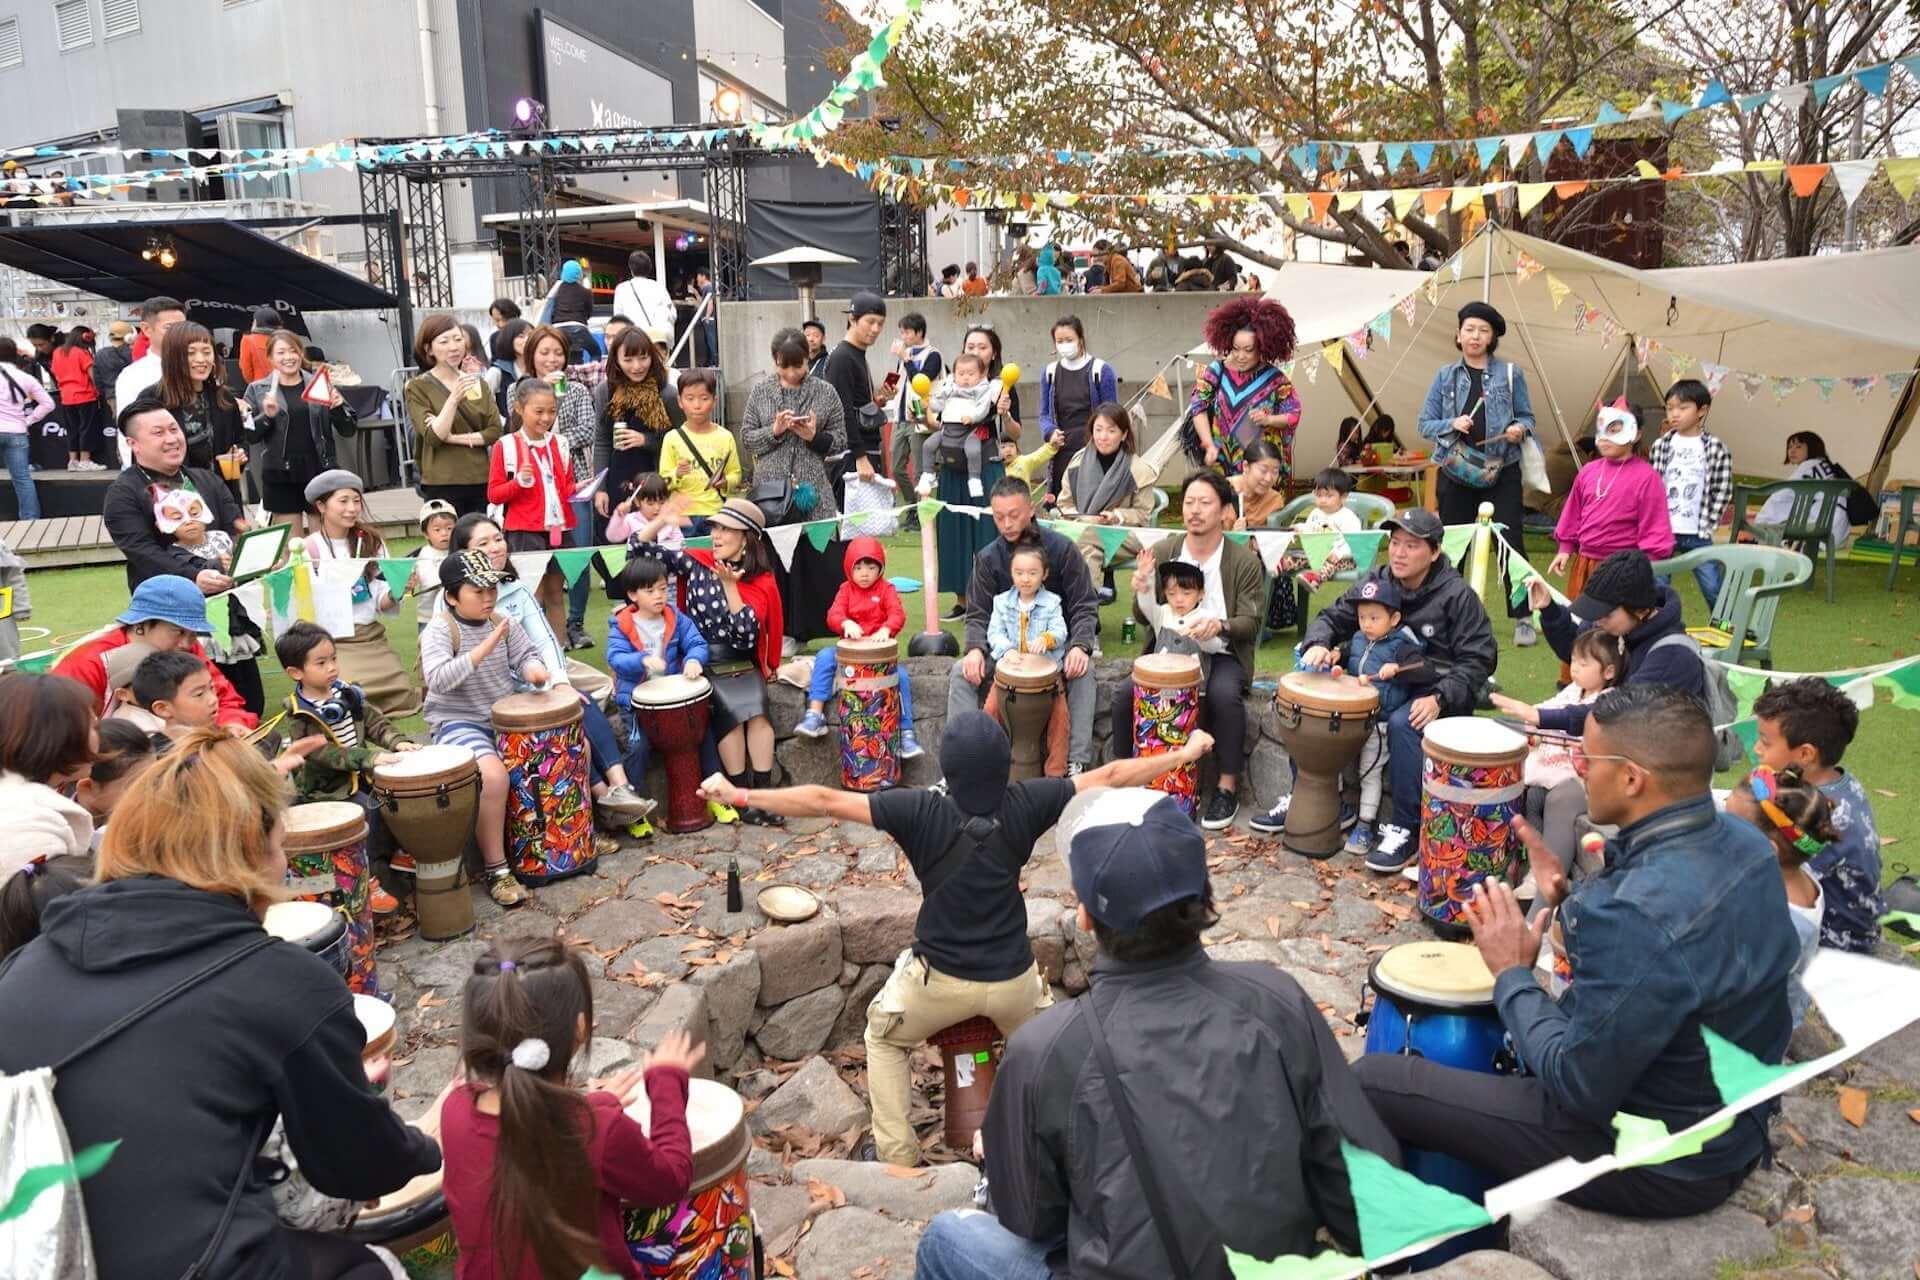 ルイー・ベガとケニー・ドープによる<MASTERS AT WORK in JAPAN>最終ラインナップが発表|okadadaやDazzle Drums、Mayurashkaらが登場 music191023_maw_3-1920x1280